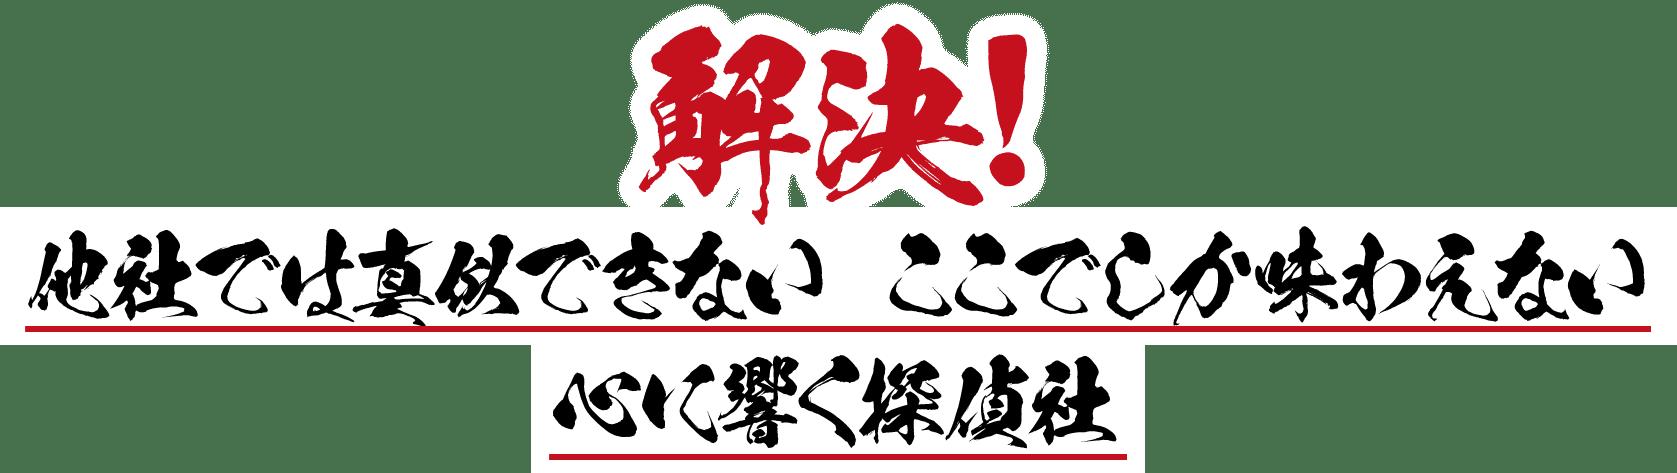 名古屋の当探偵社は浮気調査や人探しが得意な探偵社